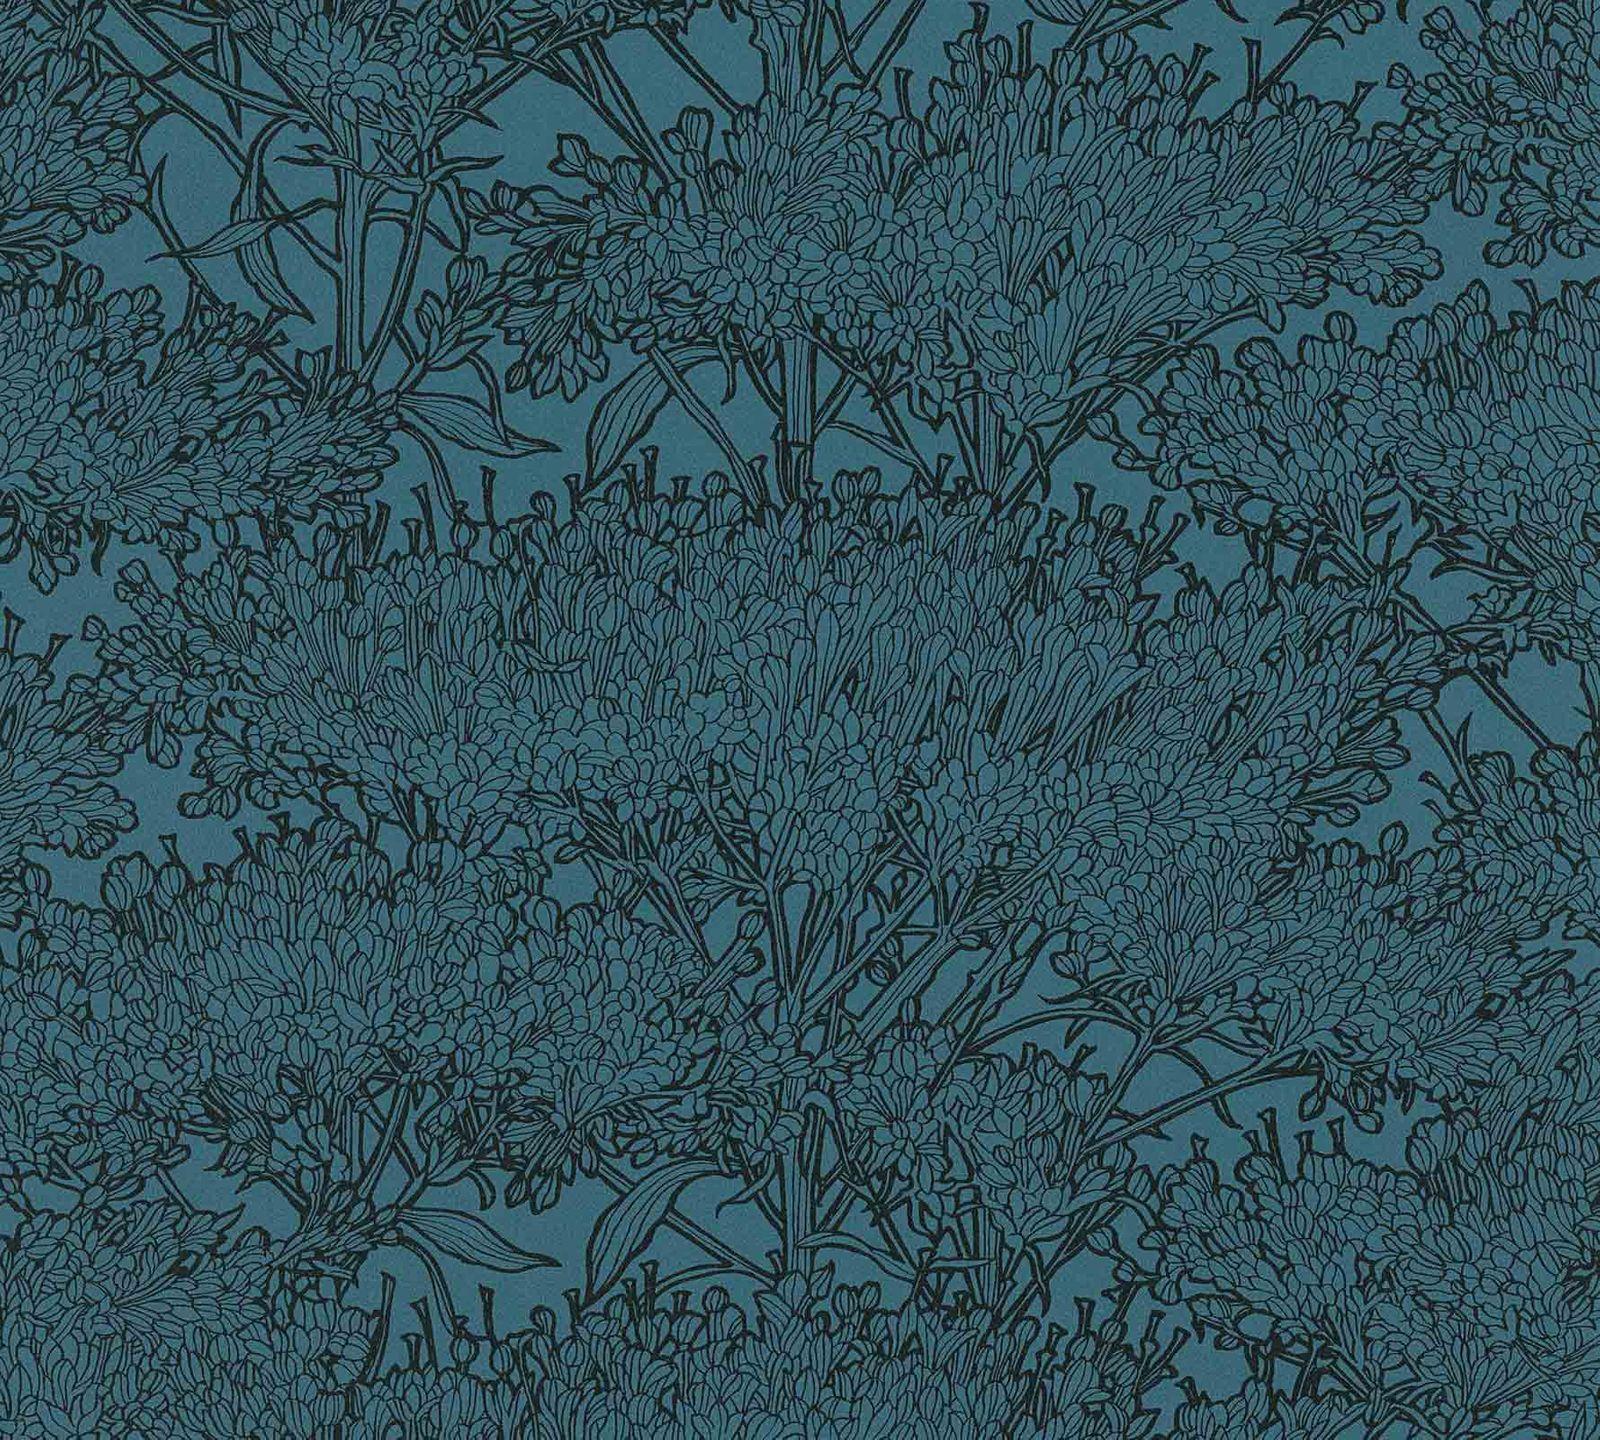 Tapete vlies baum floral dunkelblau schwarz 36972 6 for Tapete baum